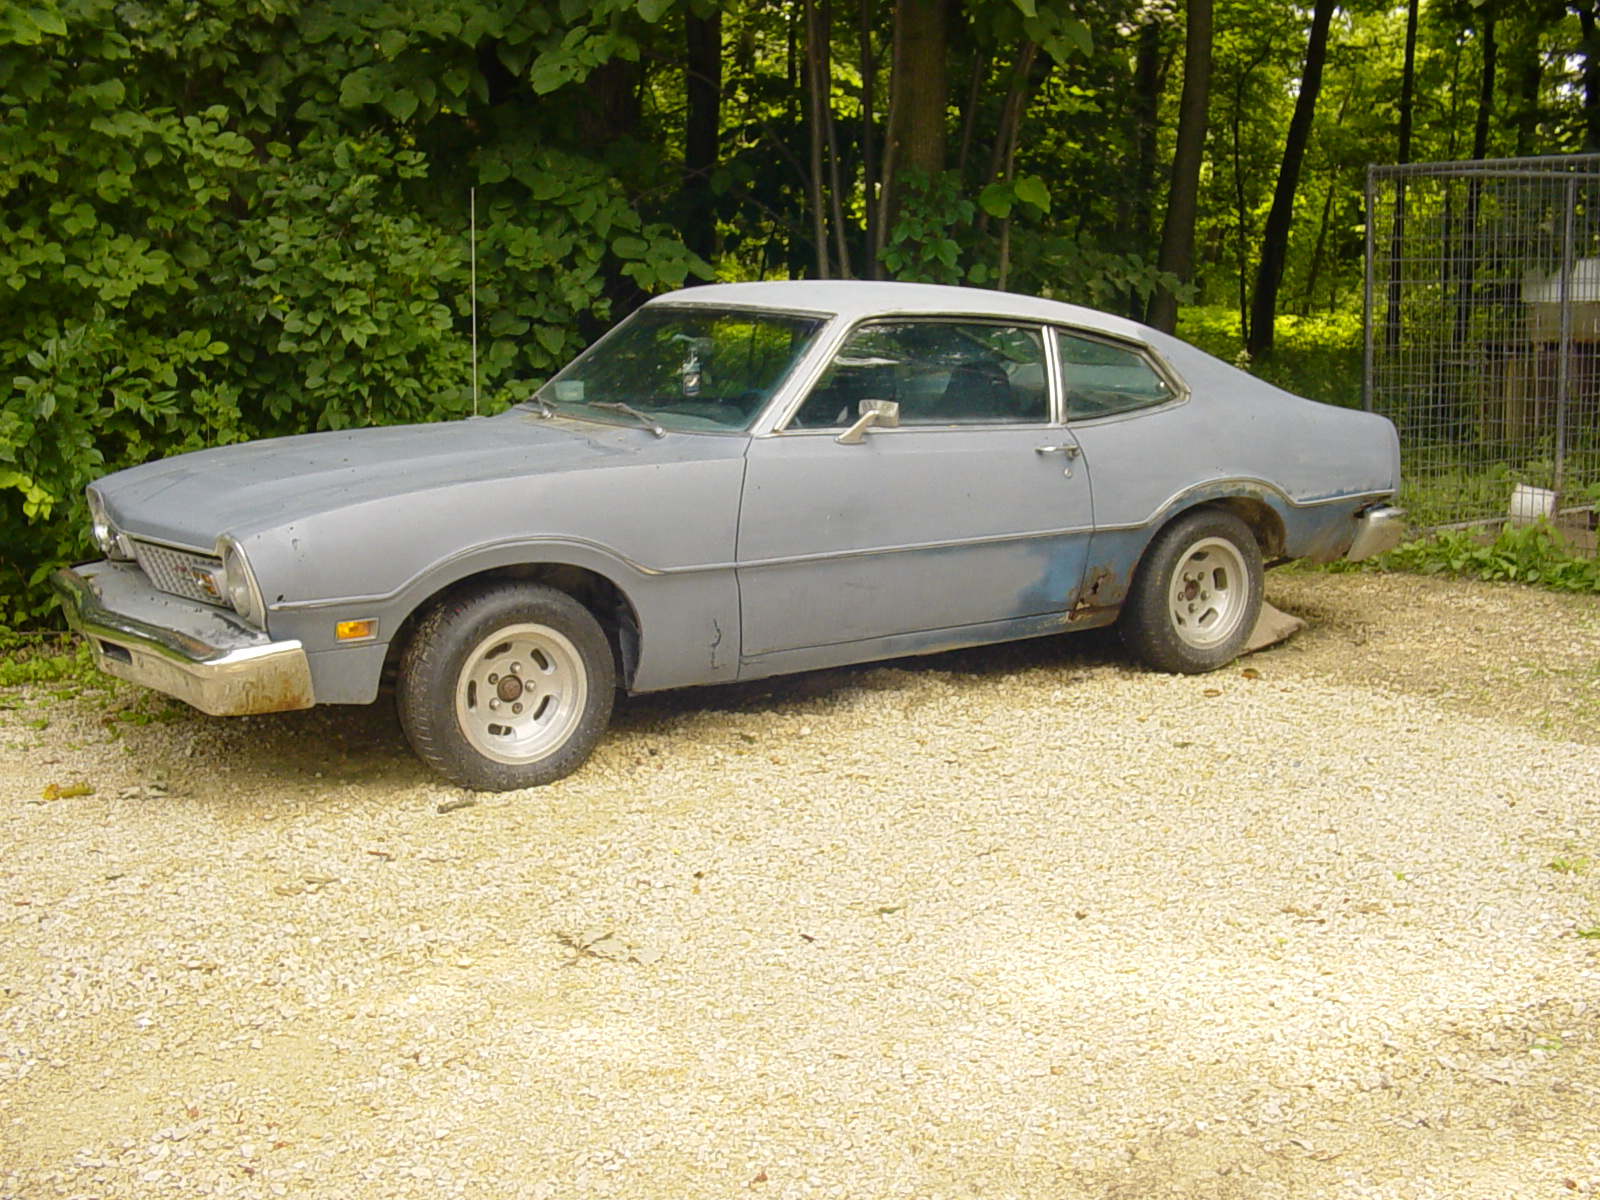 1975 Ford Maverick 1974 ford maverick picture